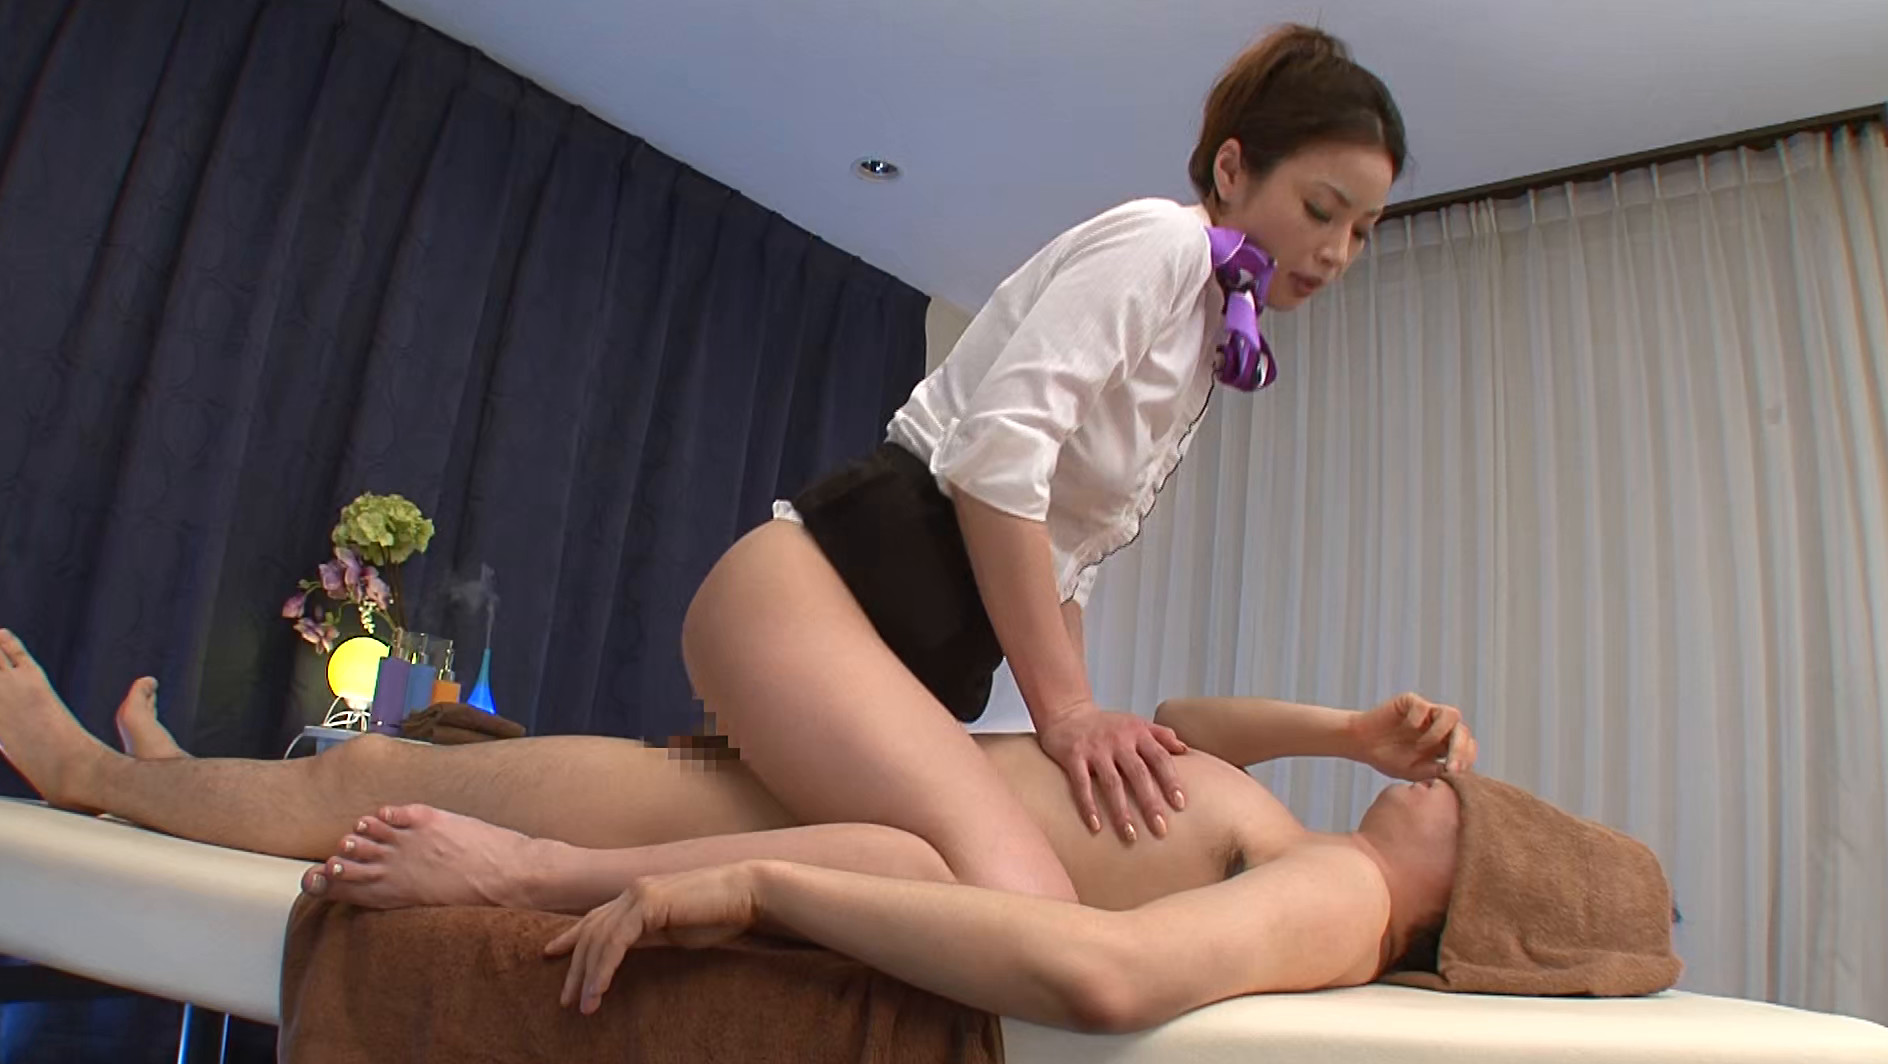 どこを施術する時も必ず乳首に寄り道する弄りがしつこいメンズエステ かすみりさ 画像17